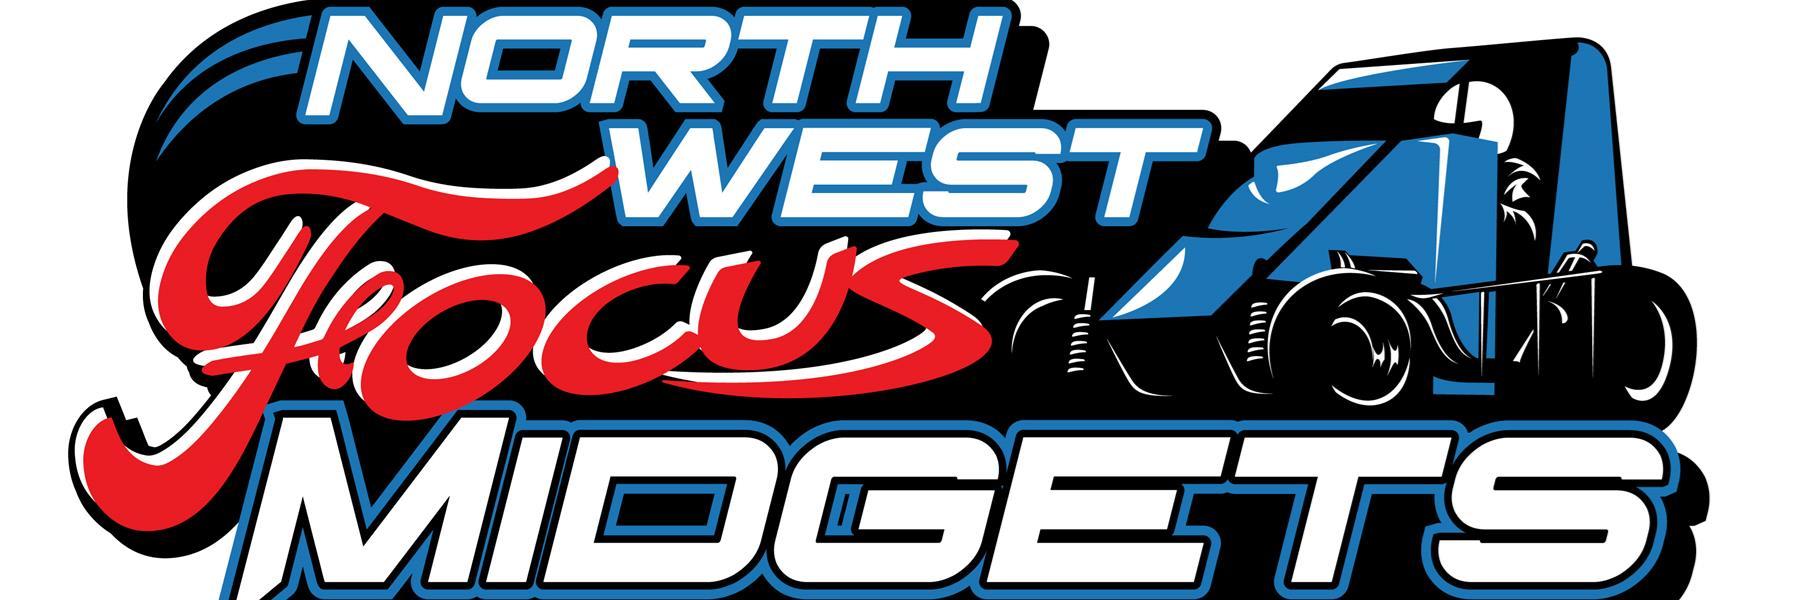 Northwest Focus Midget Series